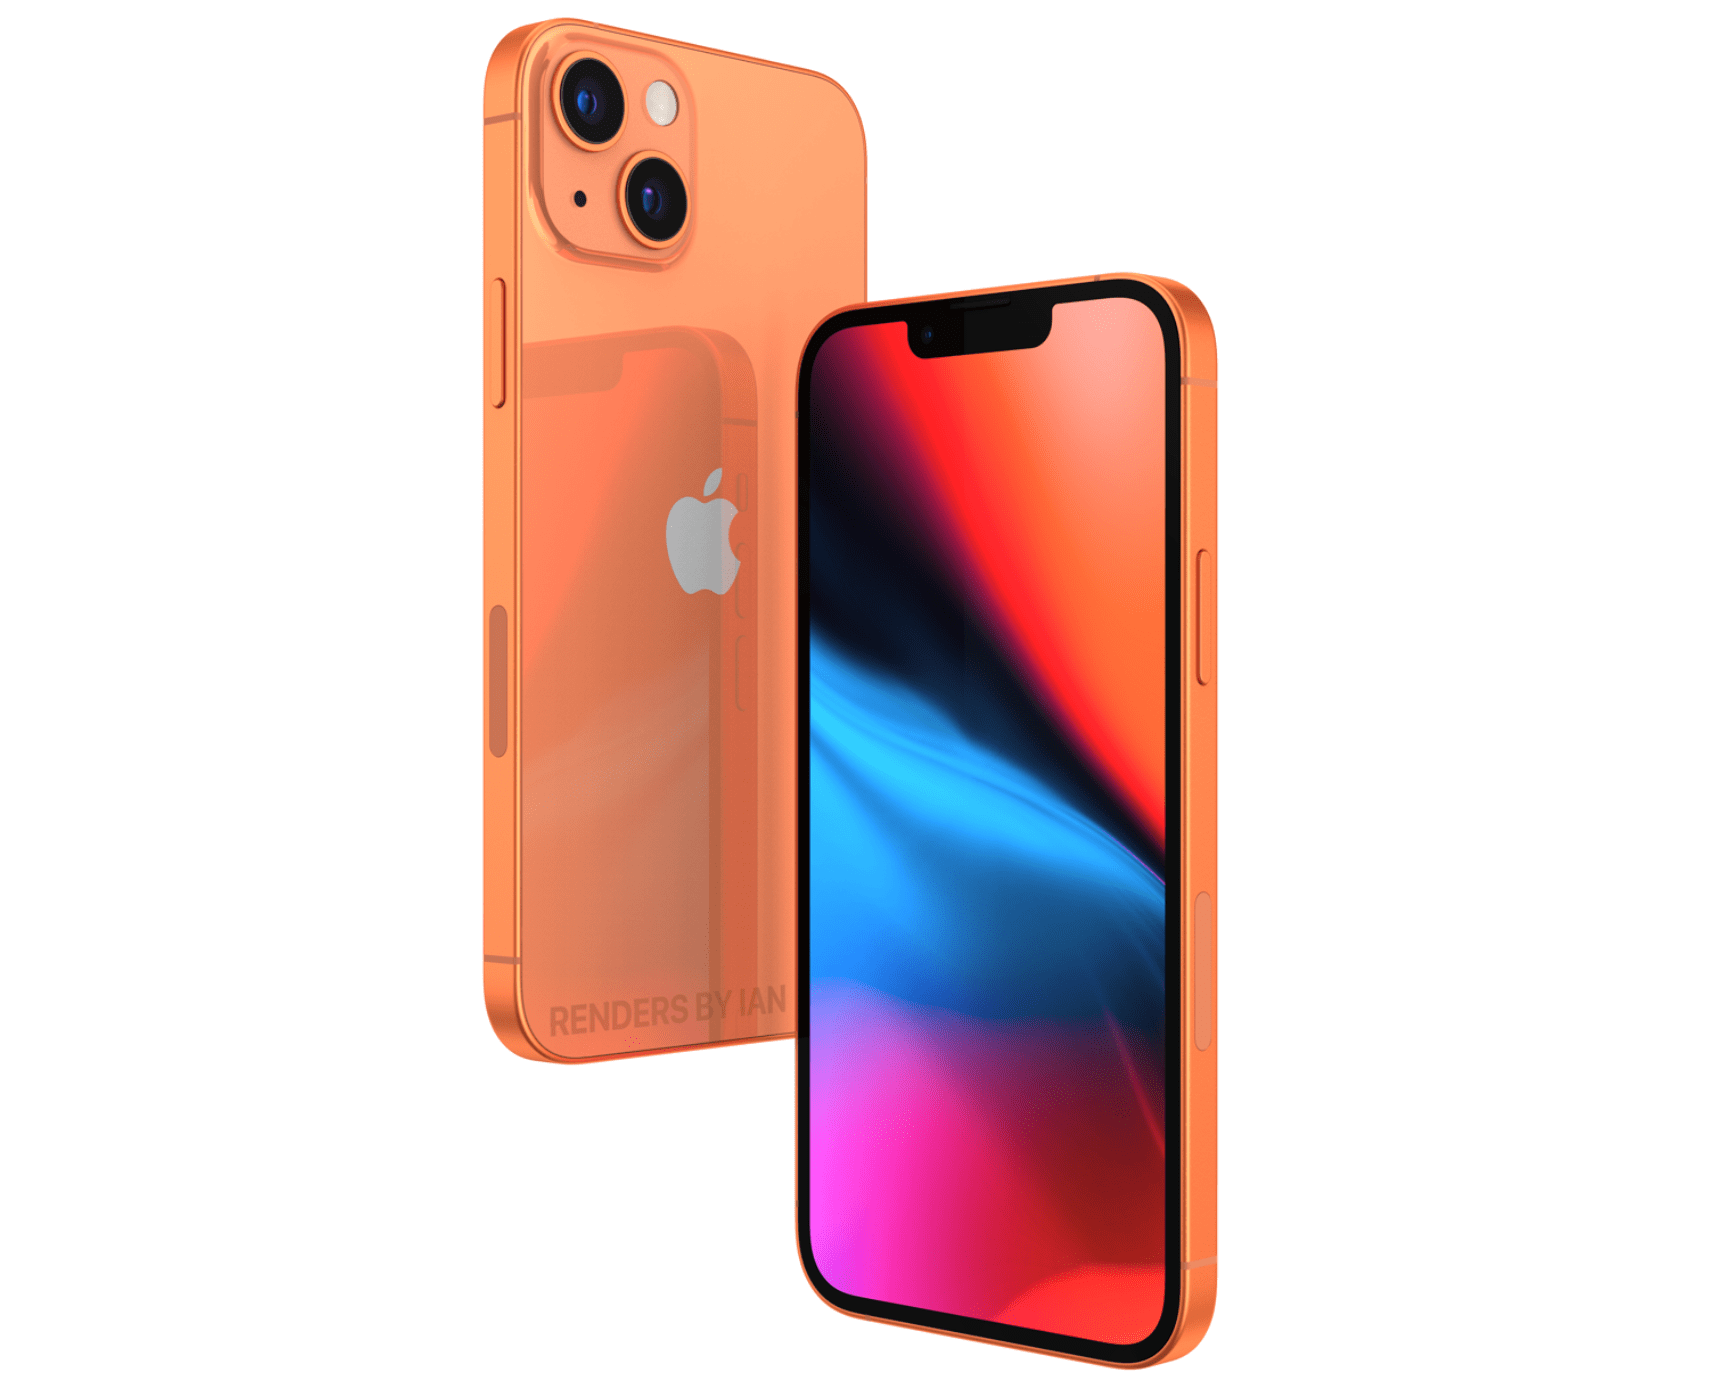 苹果今年没有iPhone13,没有屏下指纹,没有1TB,没有全系LiDAR!_手机